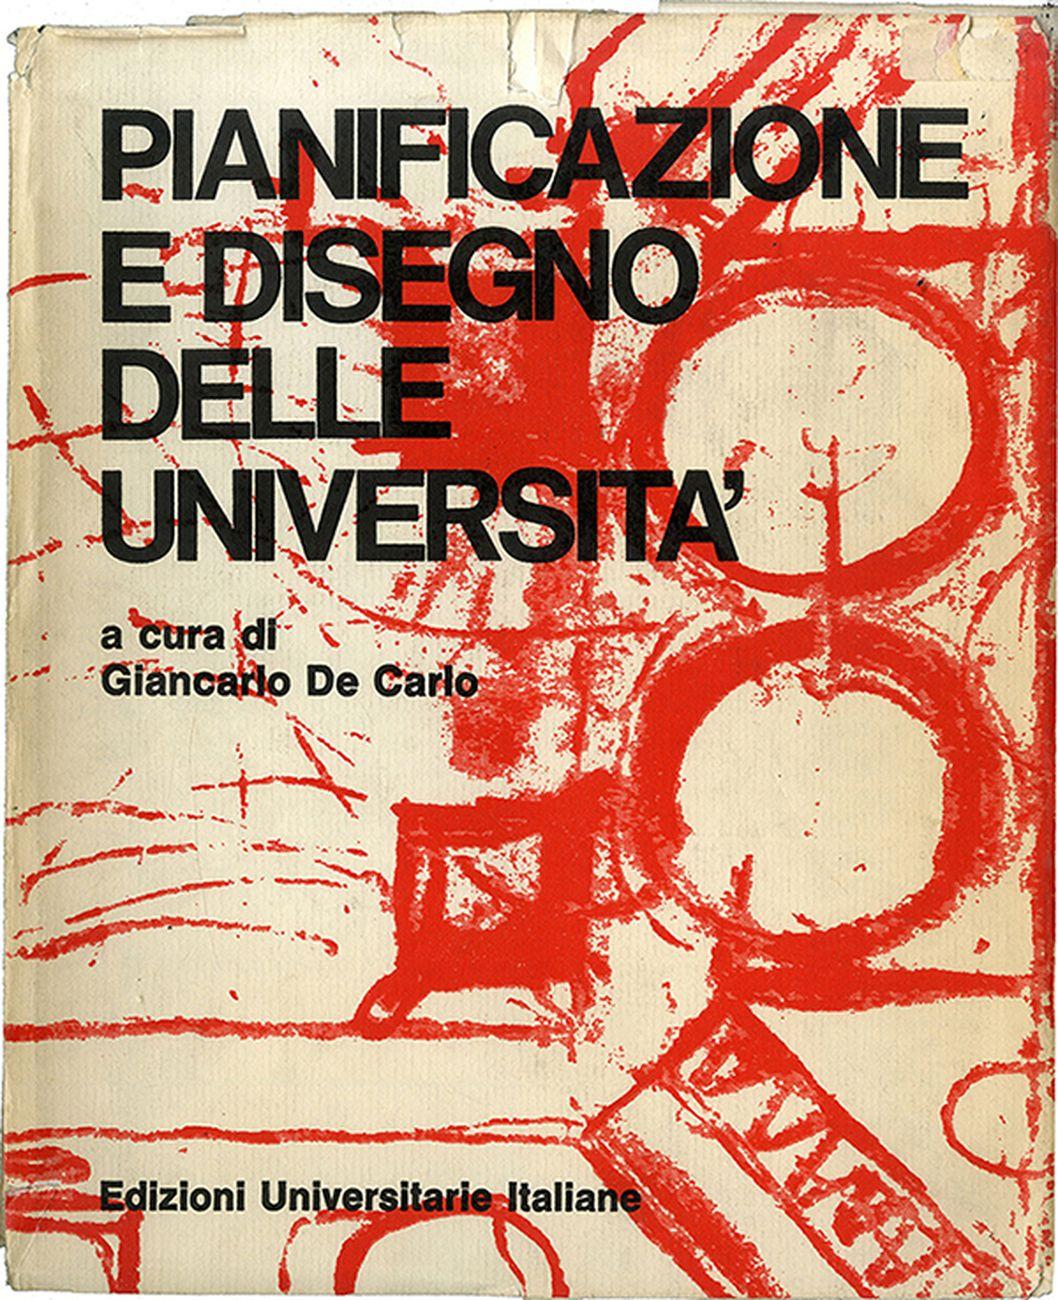 Giancarlo De Carlo – Pianificazione e disegno delle università (Edizioni Universitarie Italiane, Roma 1968)